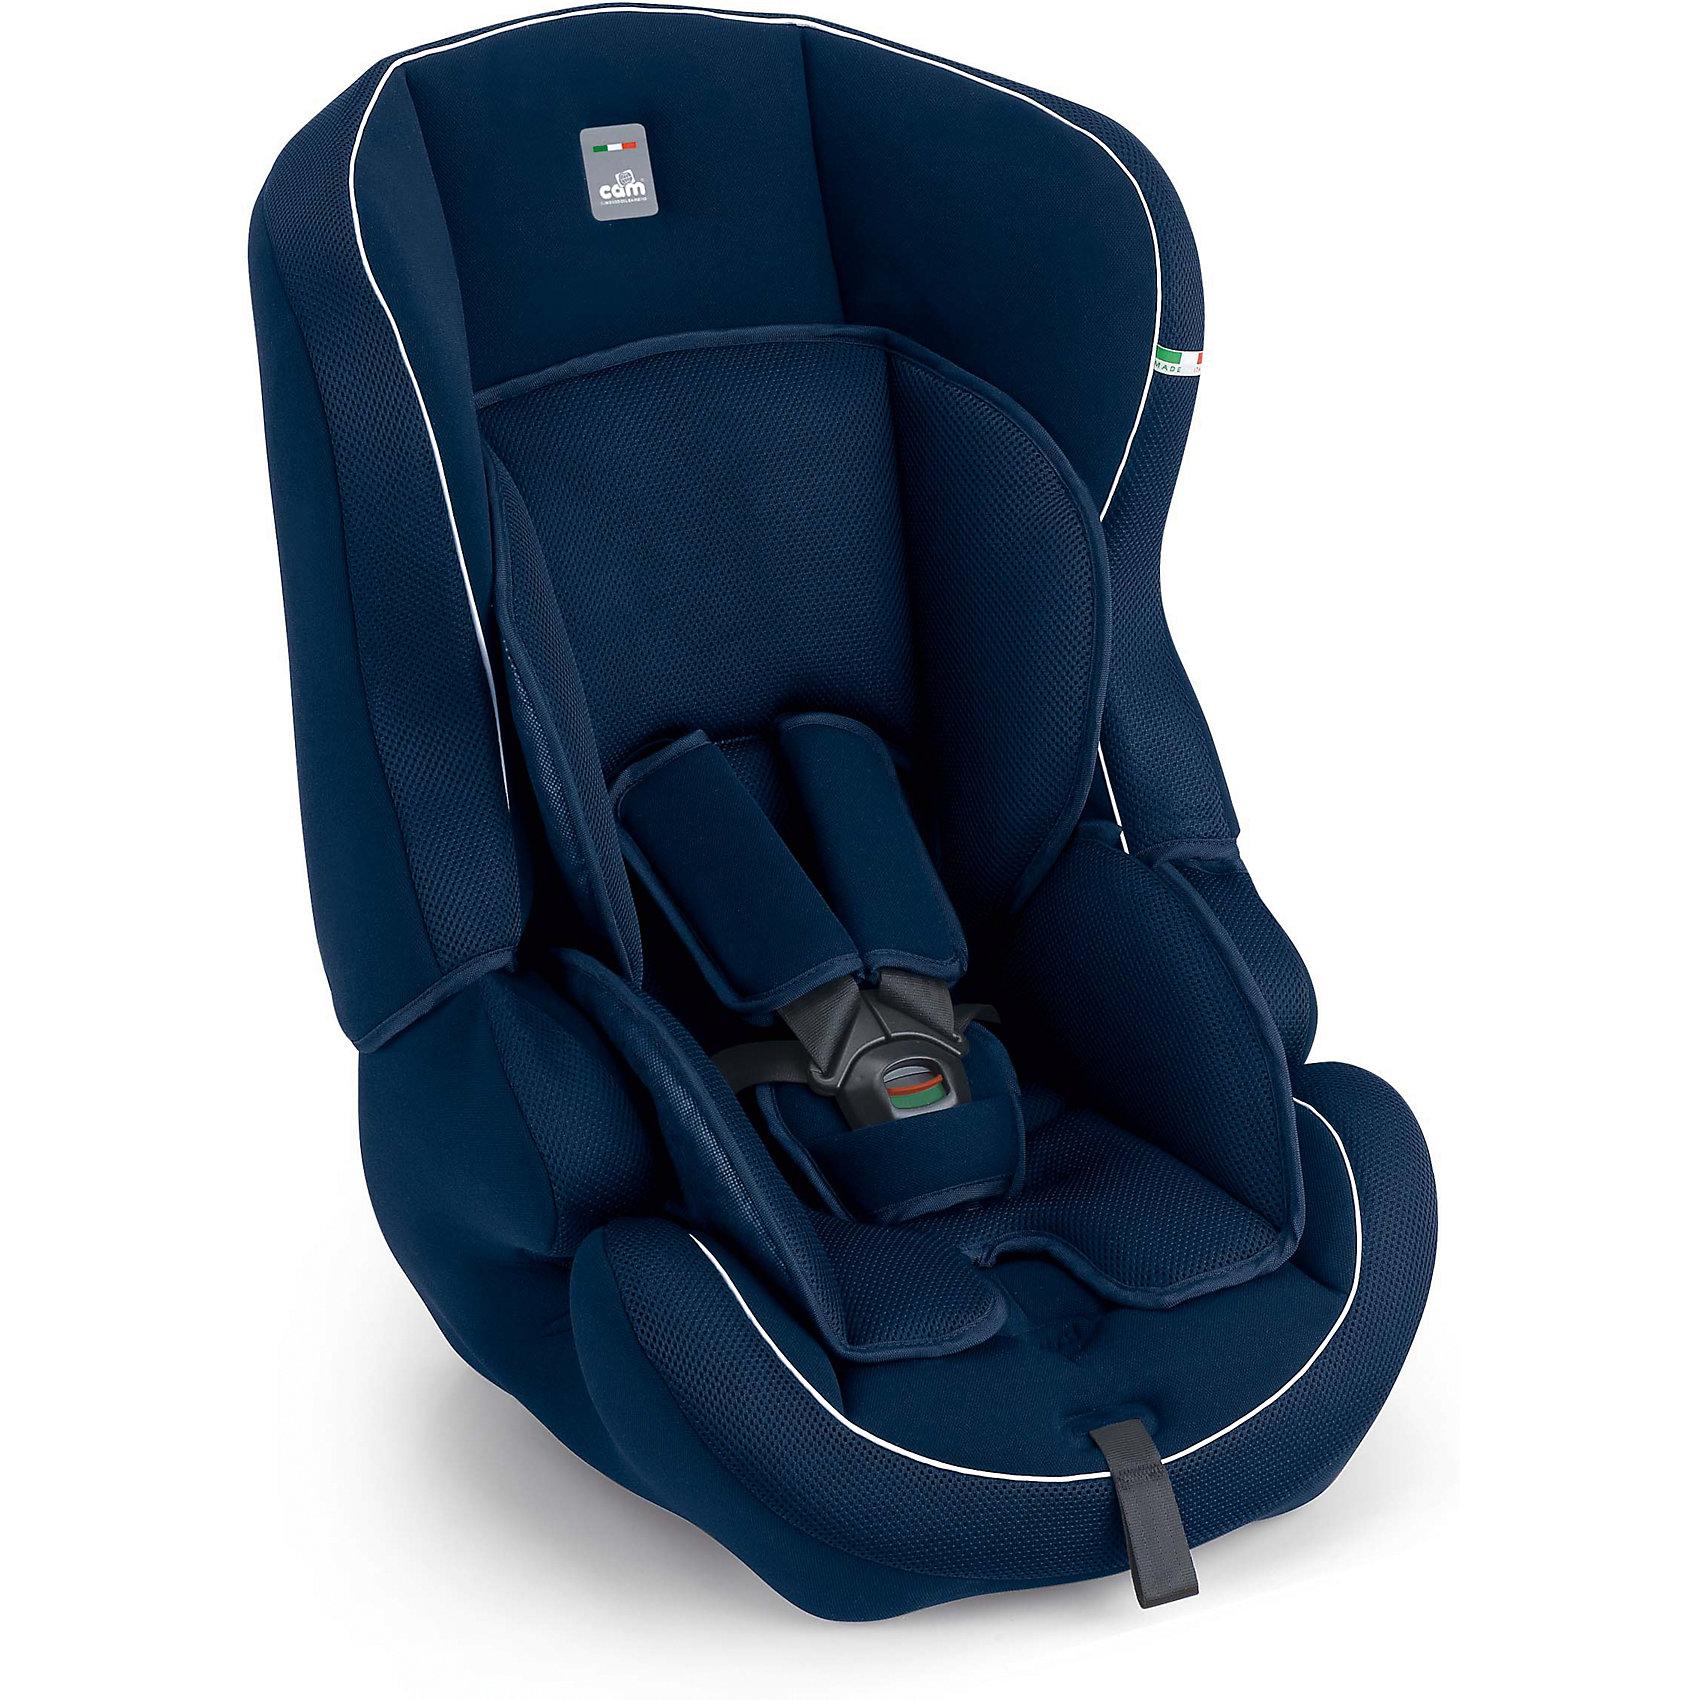 Автокресло CAM Travel Evolution 2015, 9-36 кг, синий